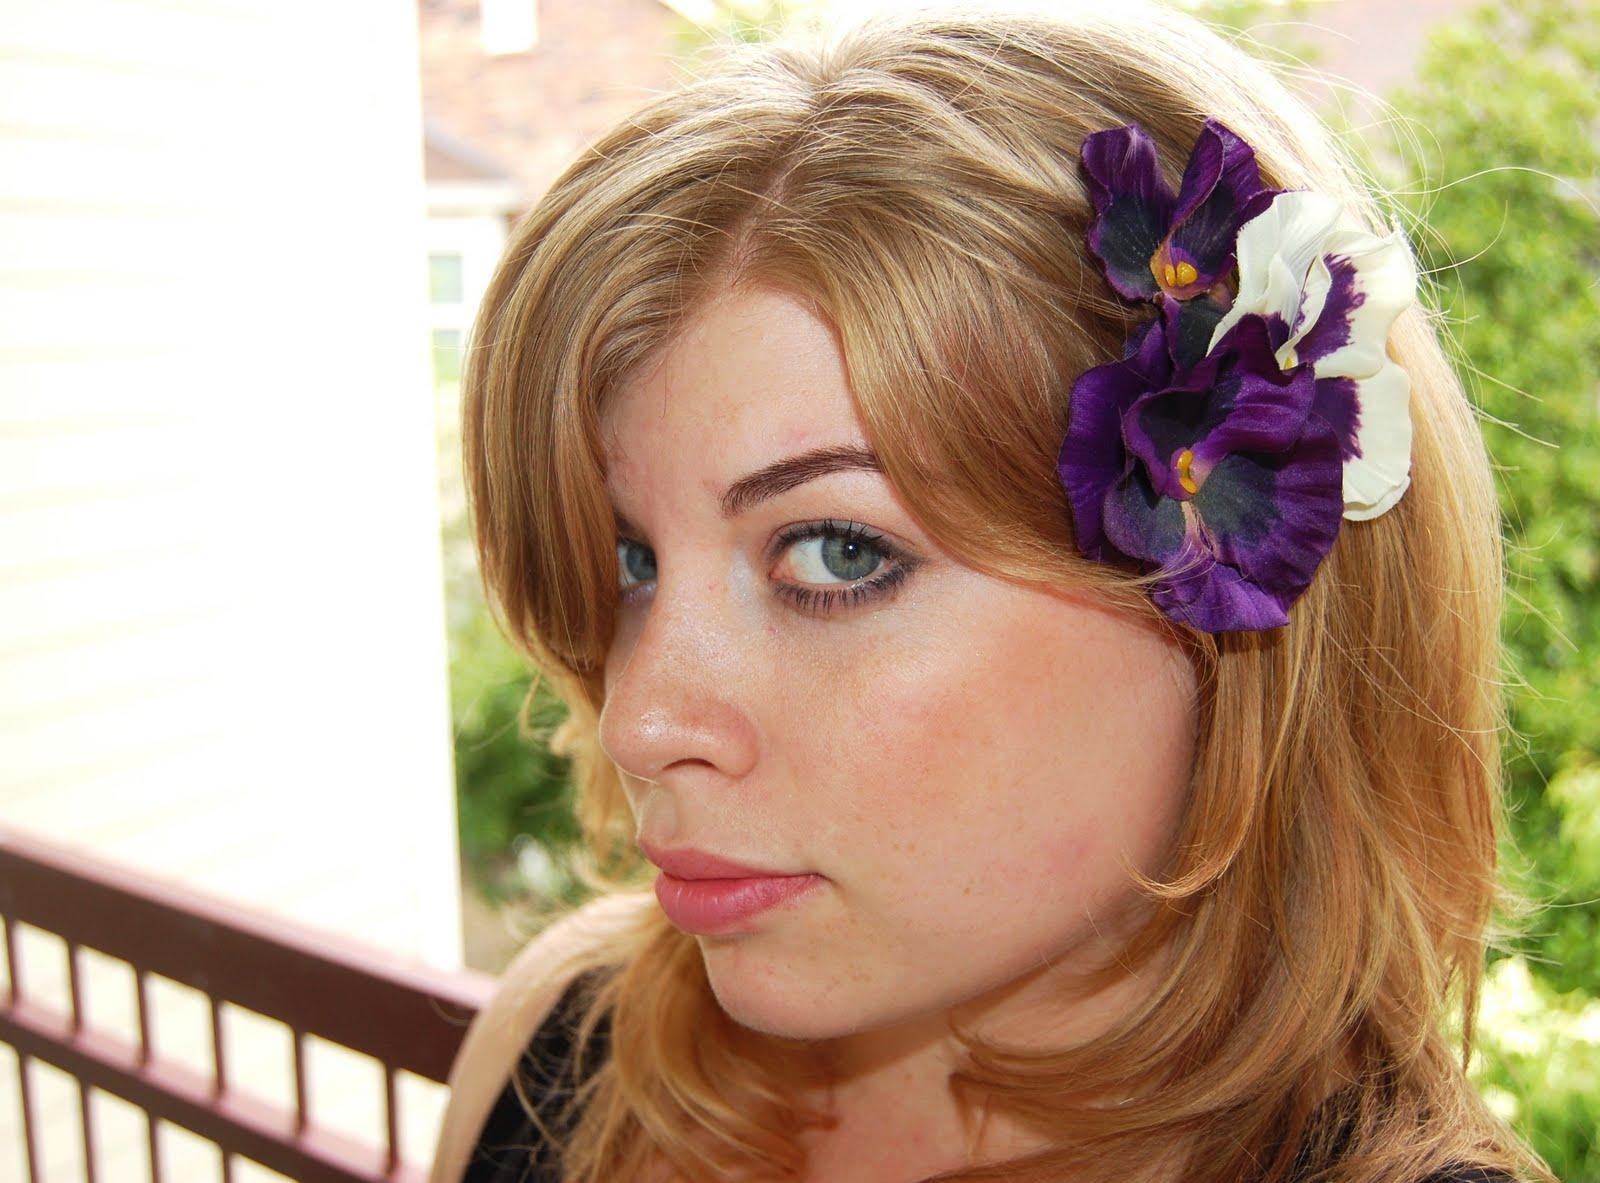 Wild hair Accessories